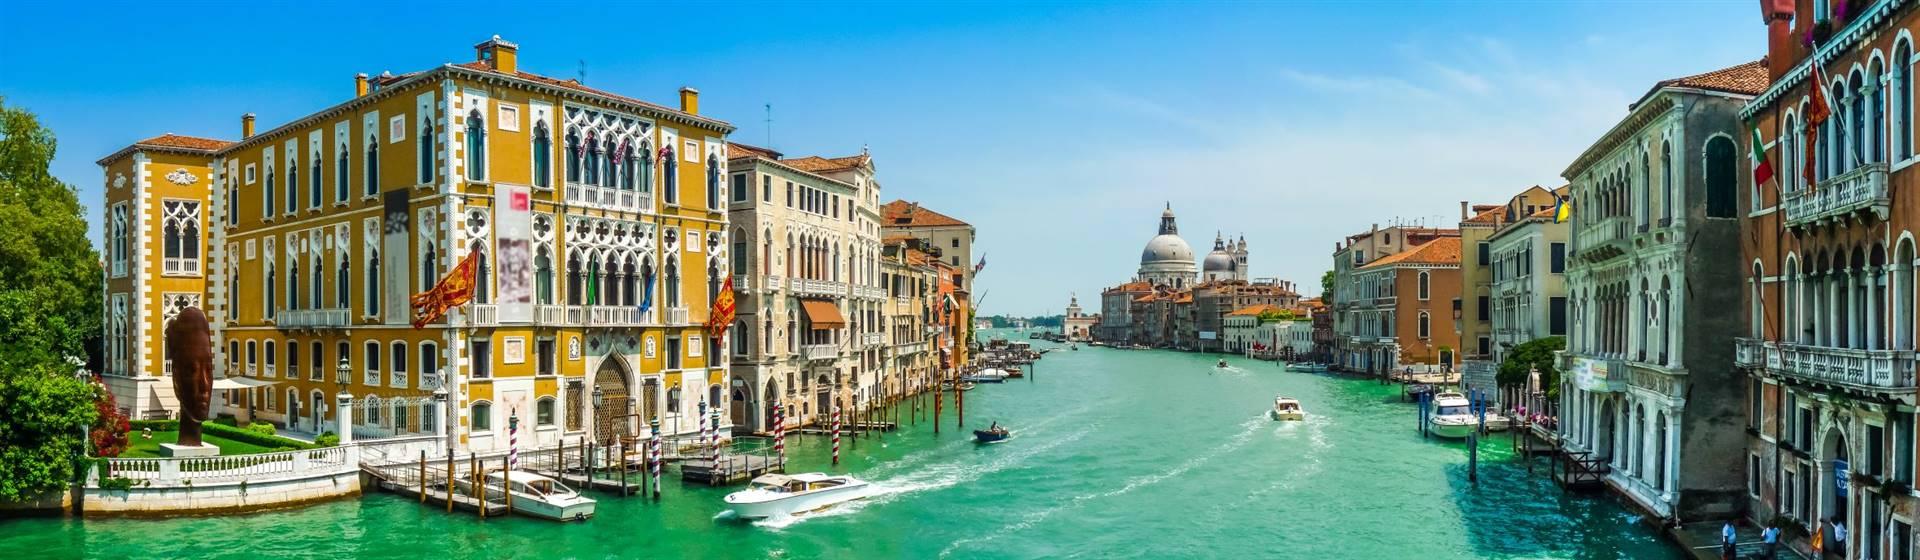 """<img src=""""grandcanalvenice-shutterstock.jpeg"""" alt=""""Grand Canal Venice""""/>"""